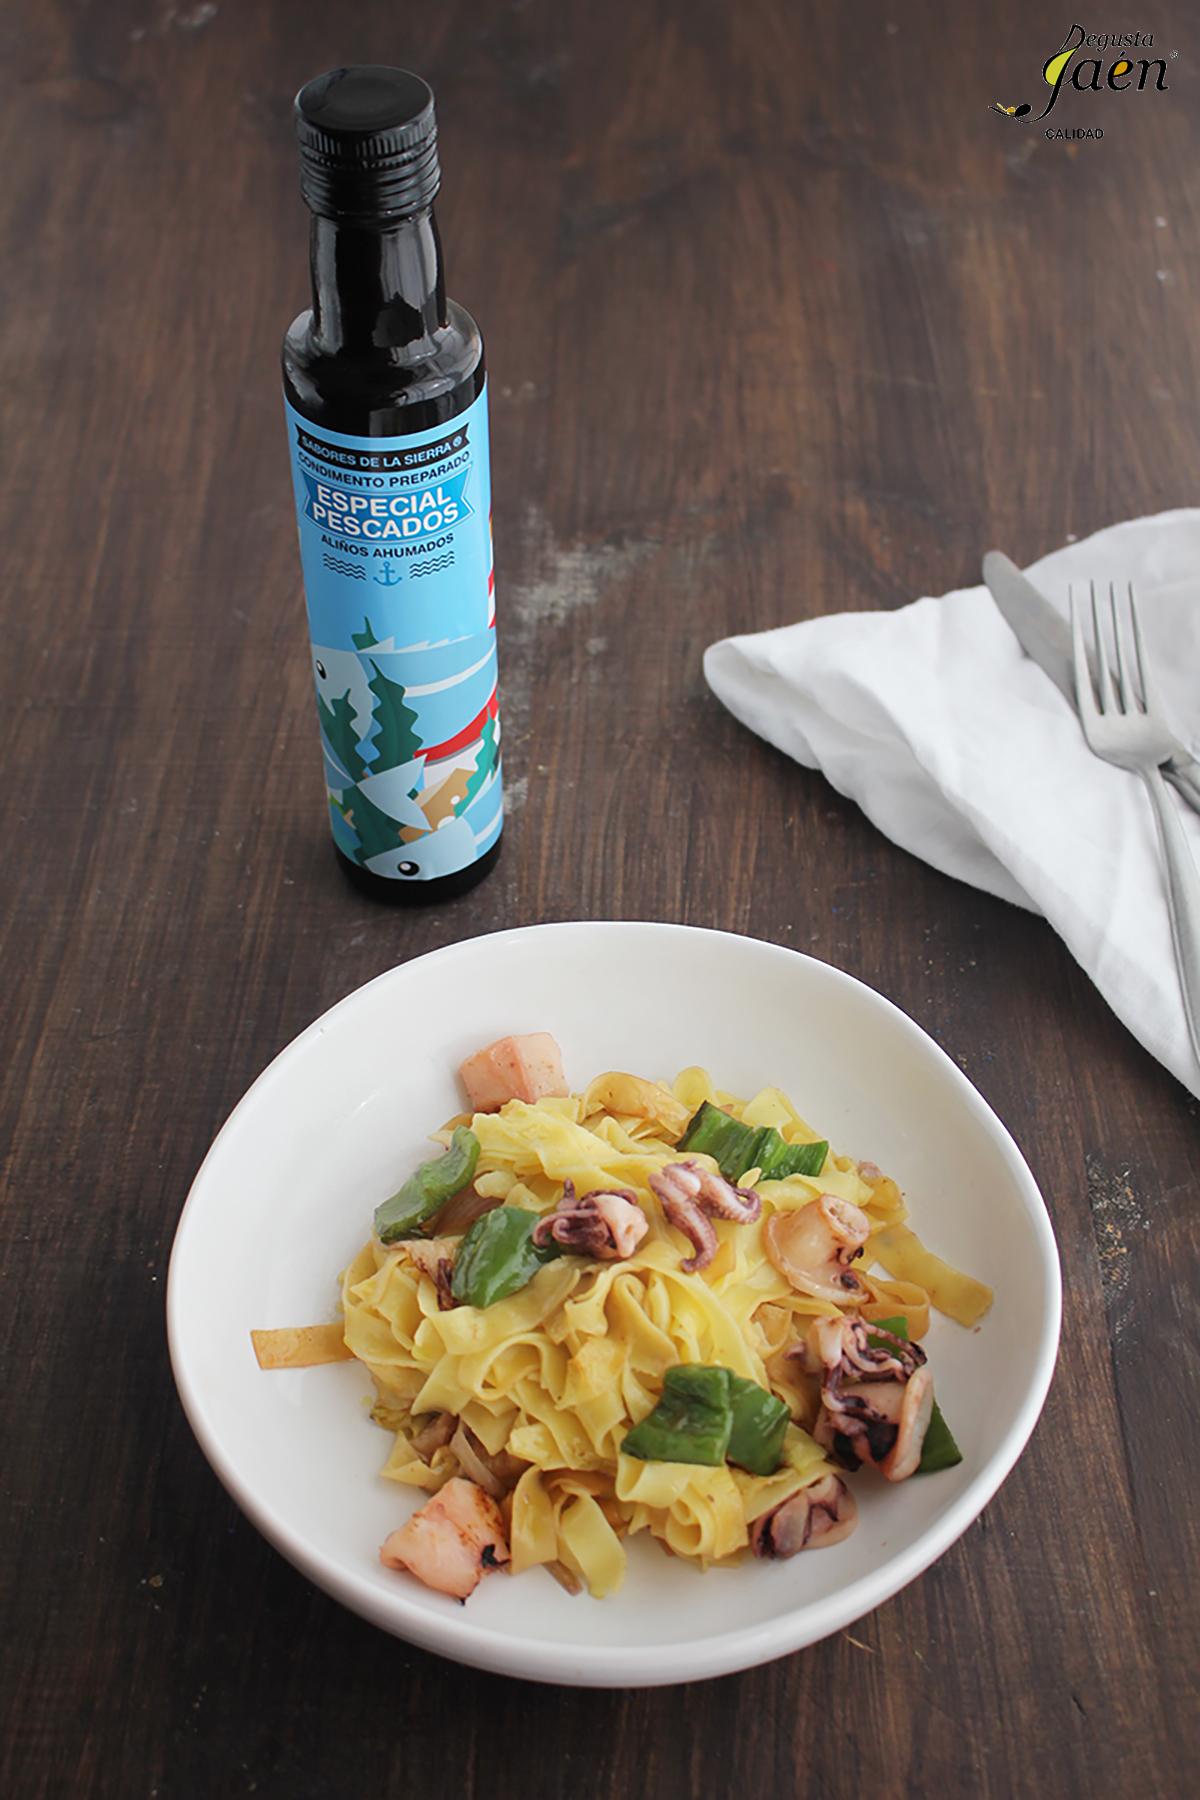 Tallarines con chipirones y aceite ahumado Degusta Jaen